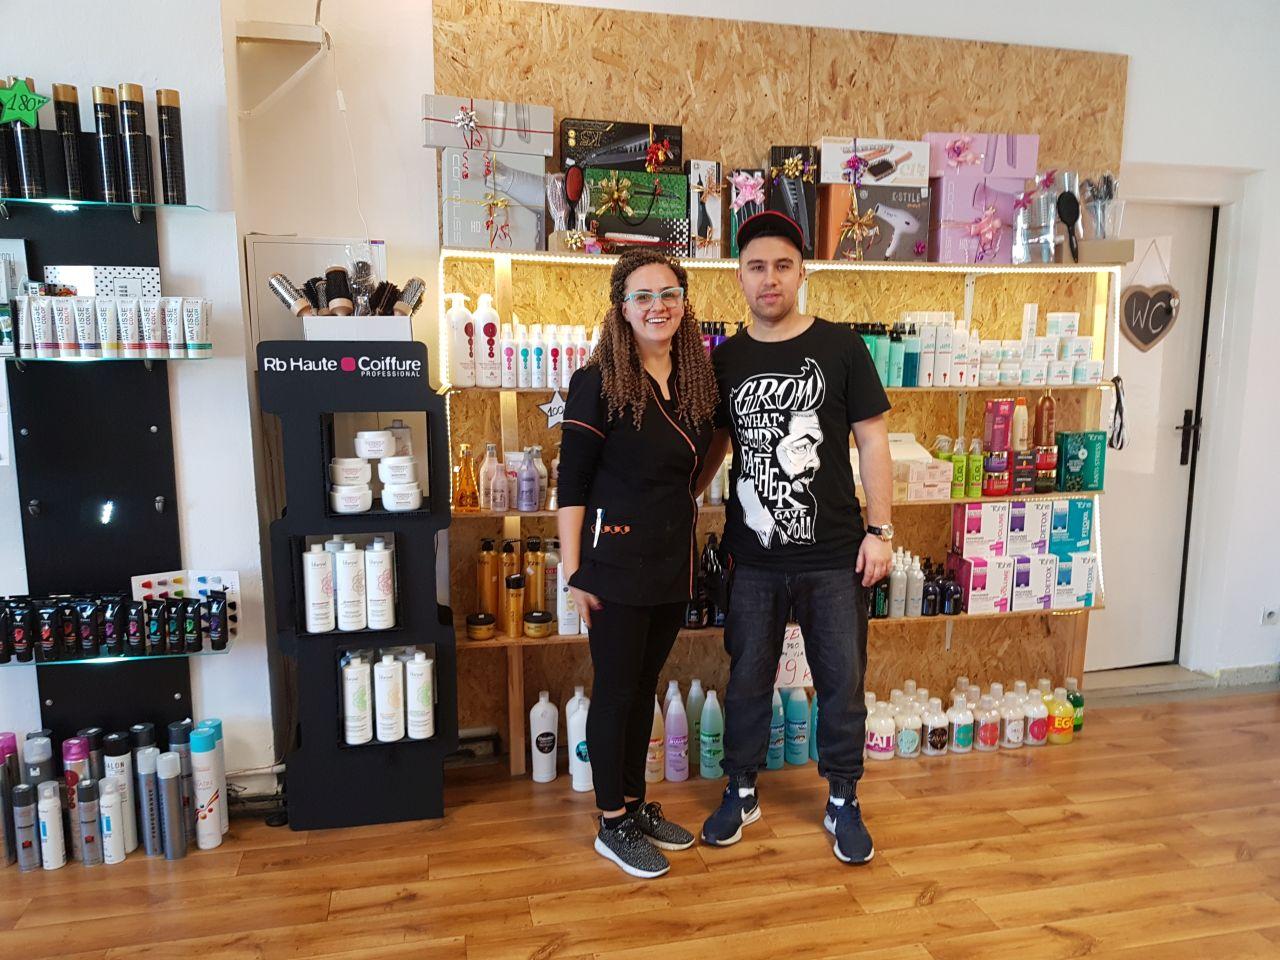 Atelier Juzik Polski Salon Fryzjerski W Czeskim Jeseniku